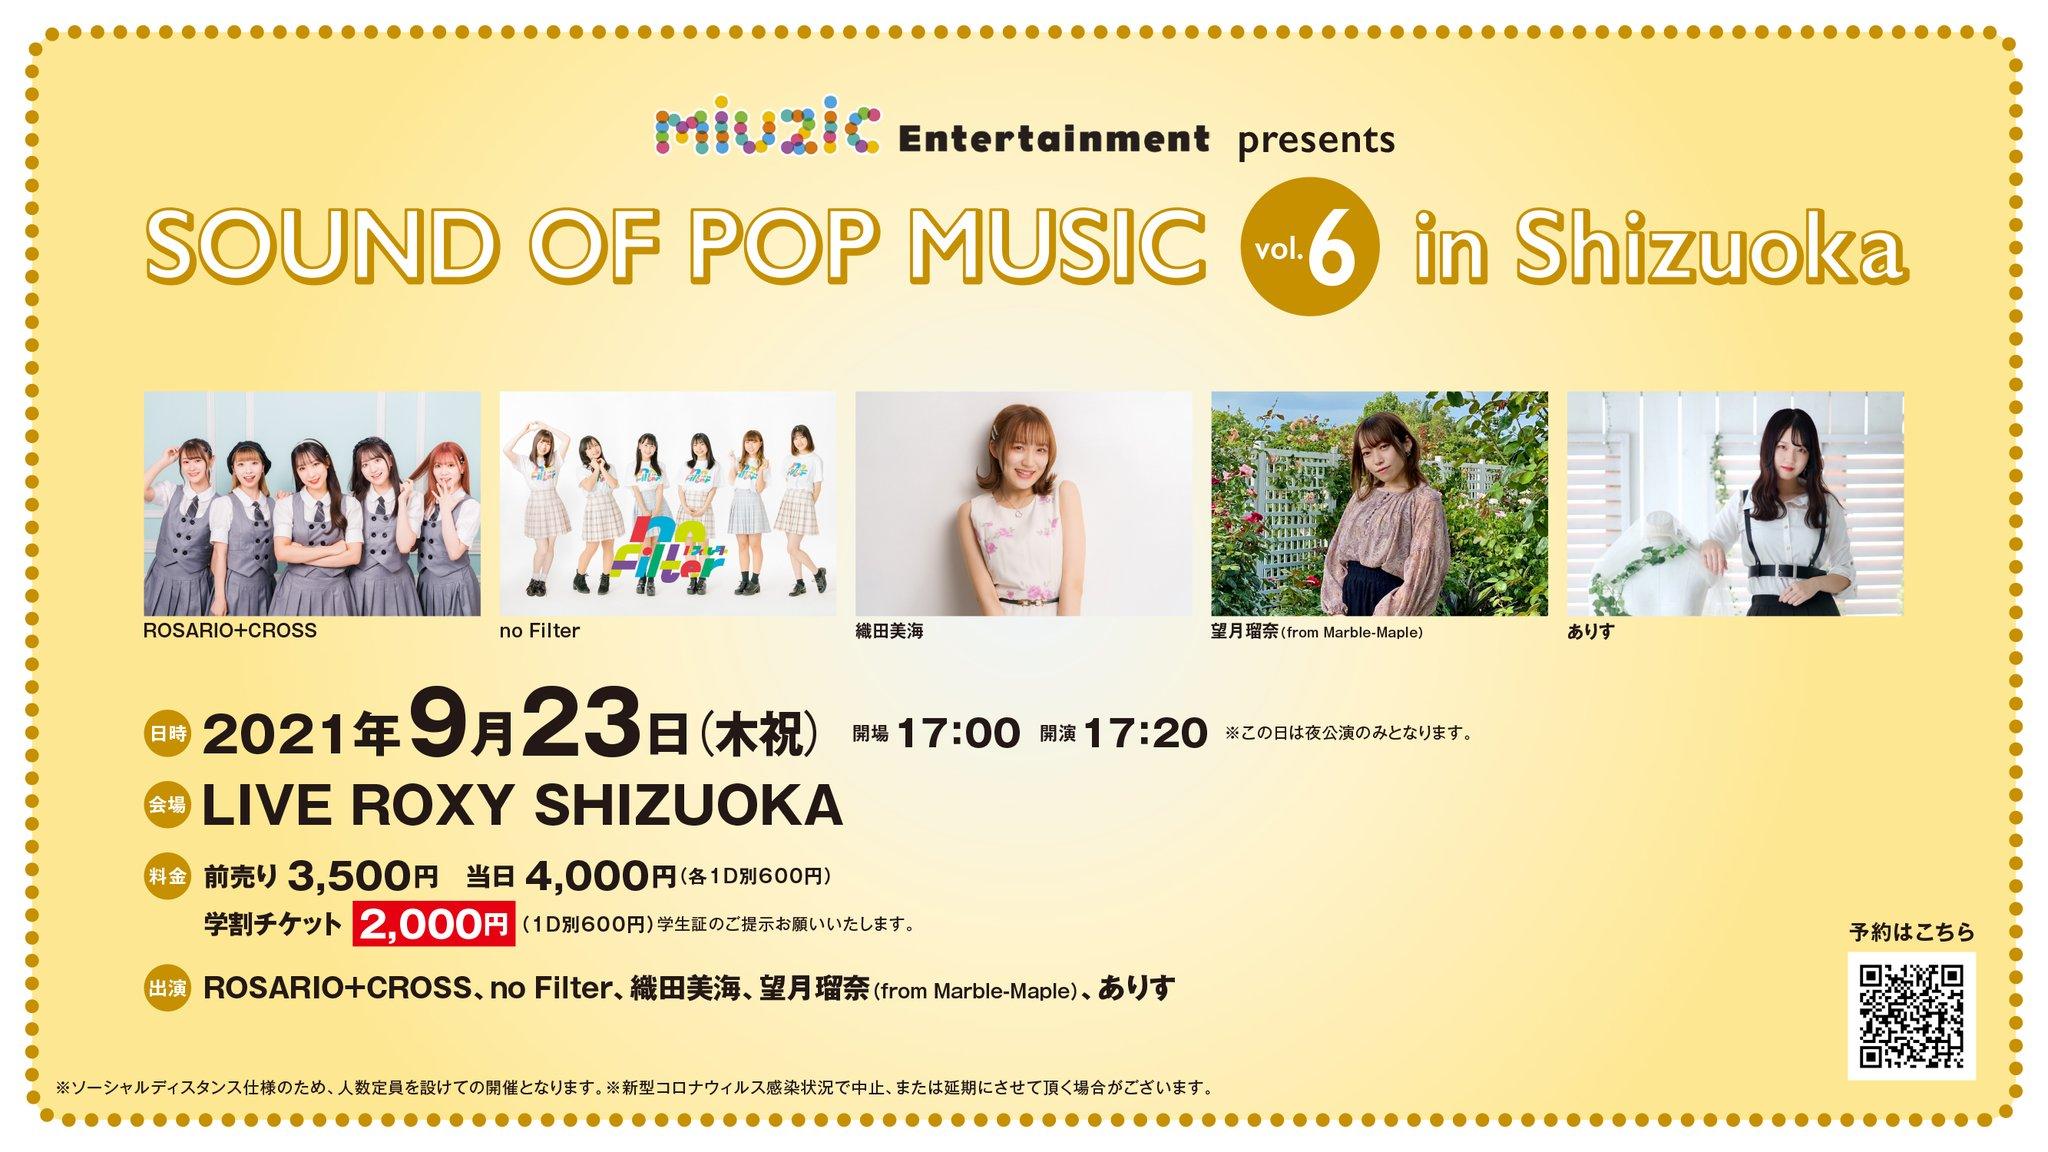 9/23(木祝) miuzic presents 「SOUND OF POP MUSIC vol.6 in Shizuoka」